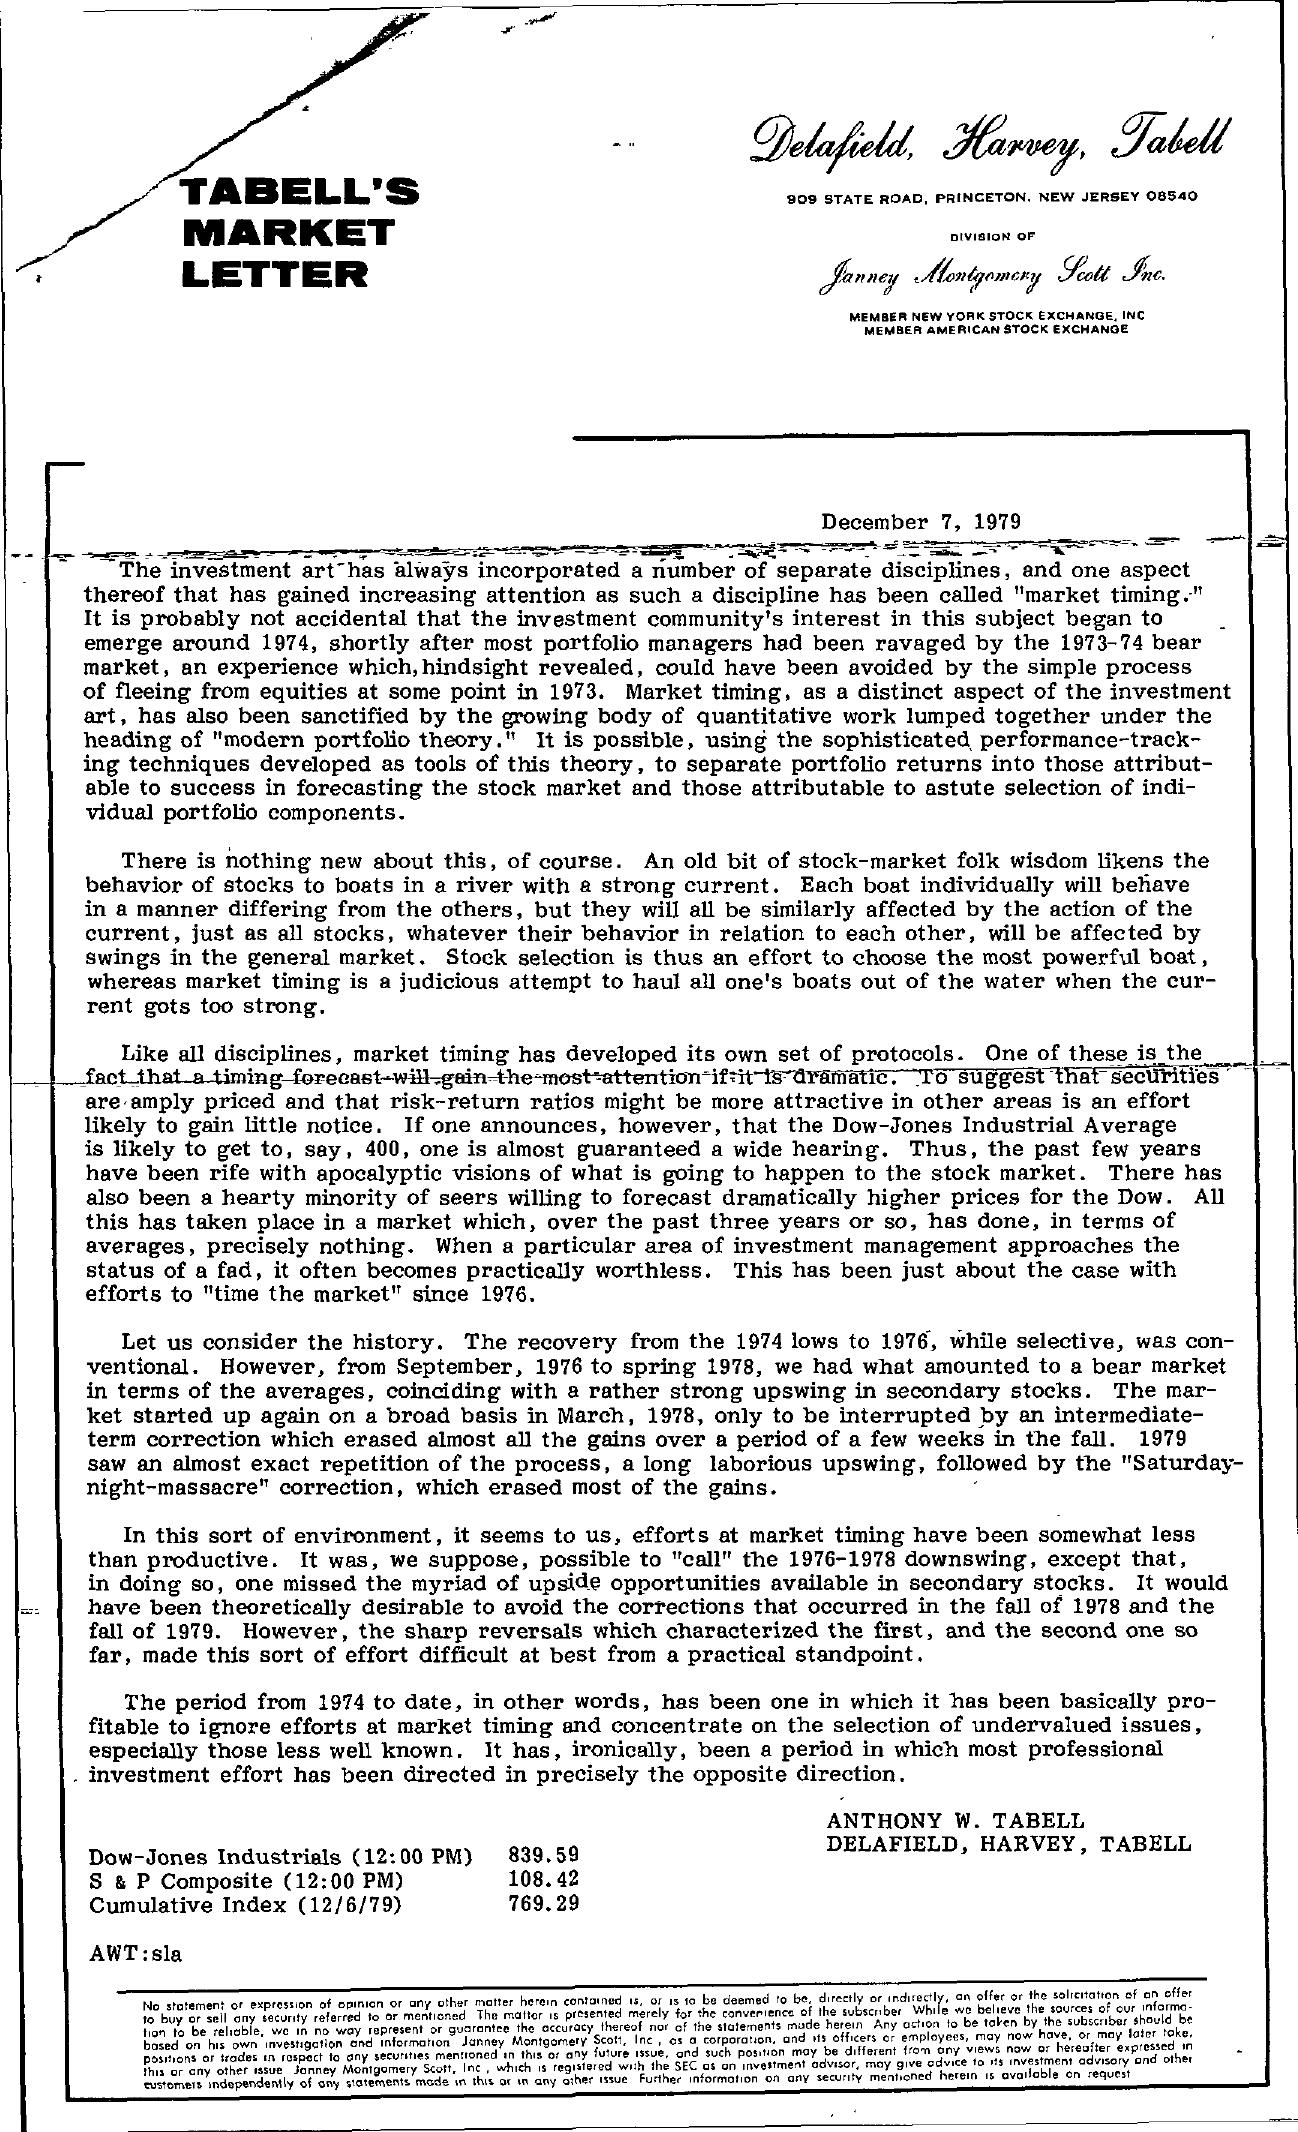 Tabell's Market Letter - December 07, 1979